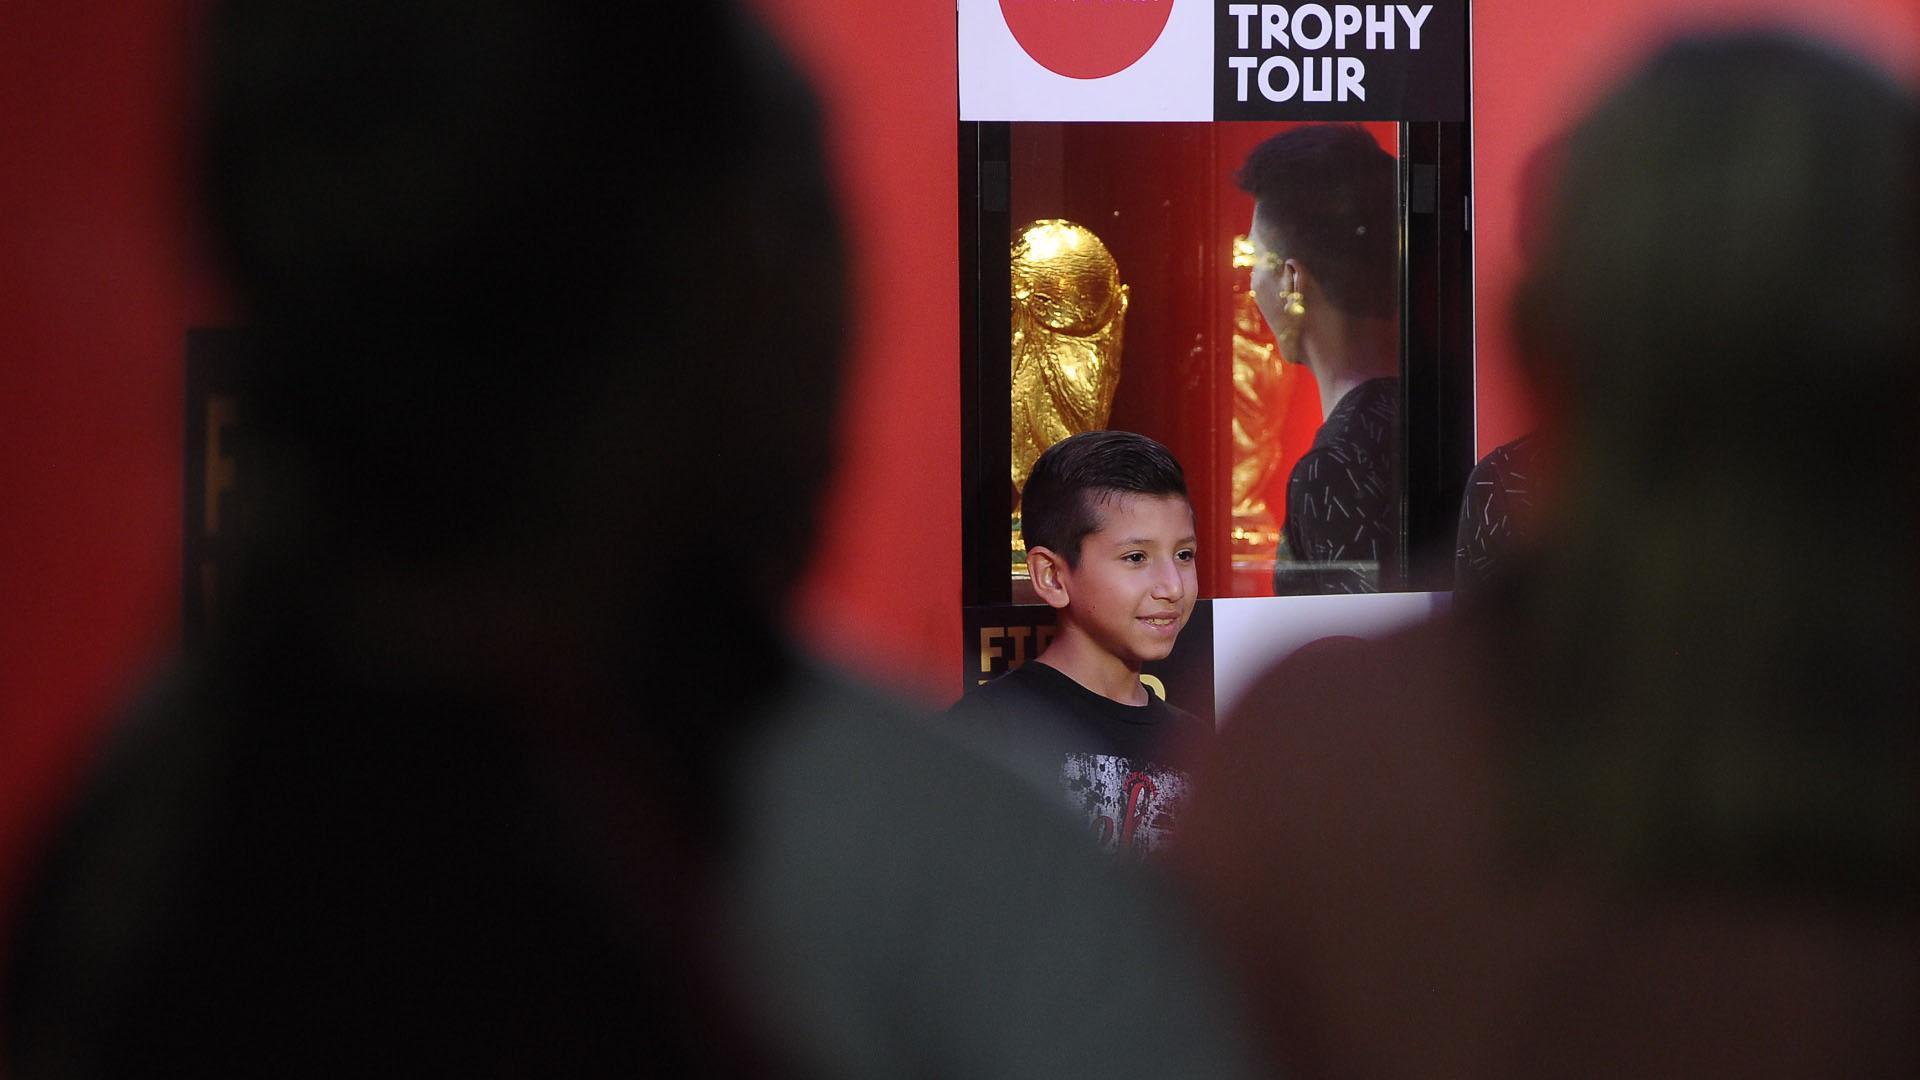 La Copa visitará 91 ciudades en un total de 53 países (Patricio Murphy)